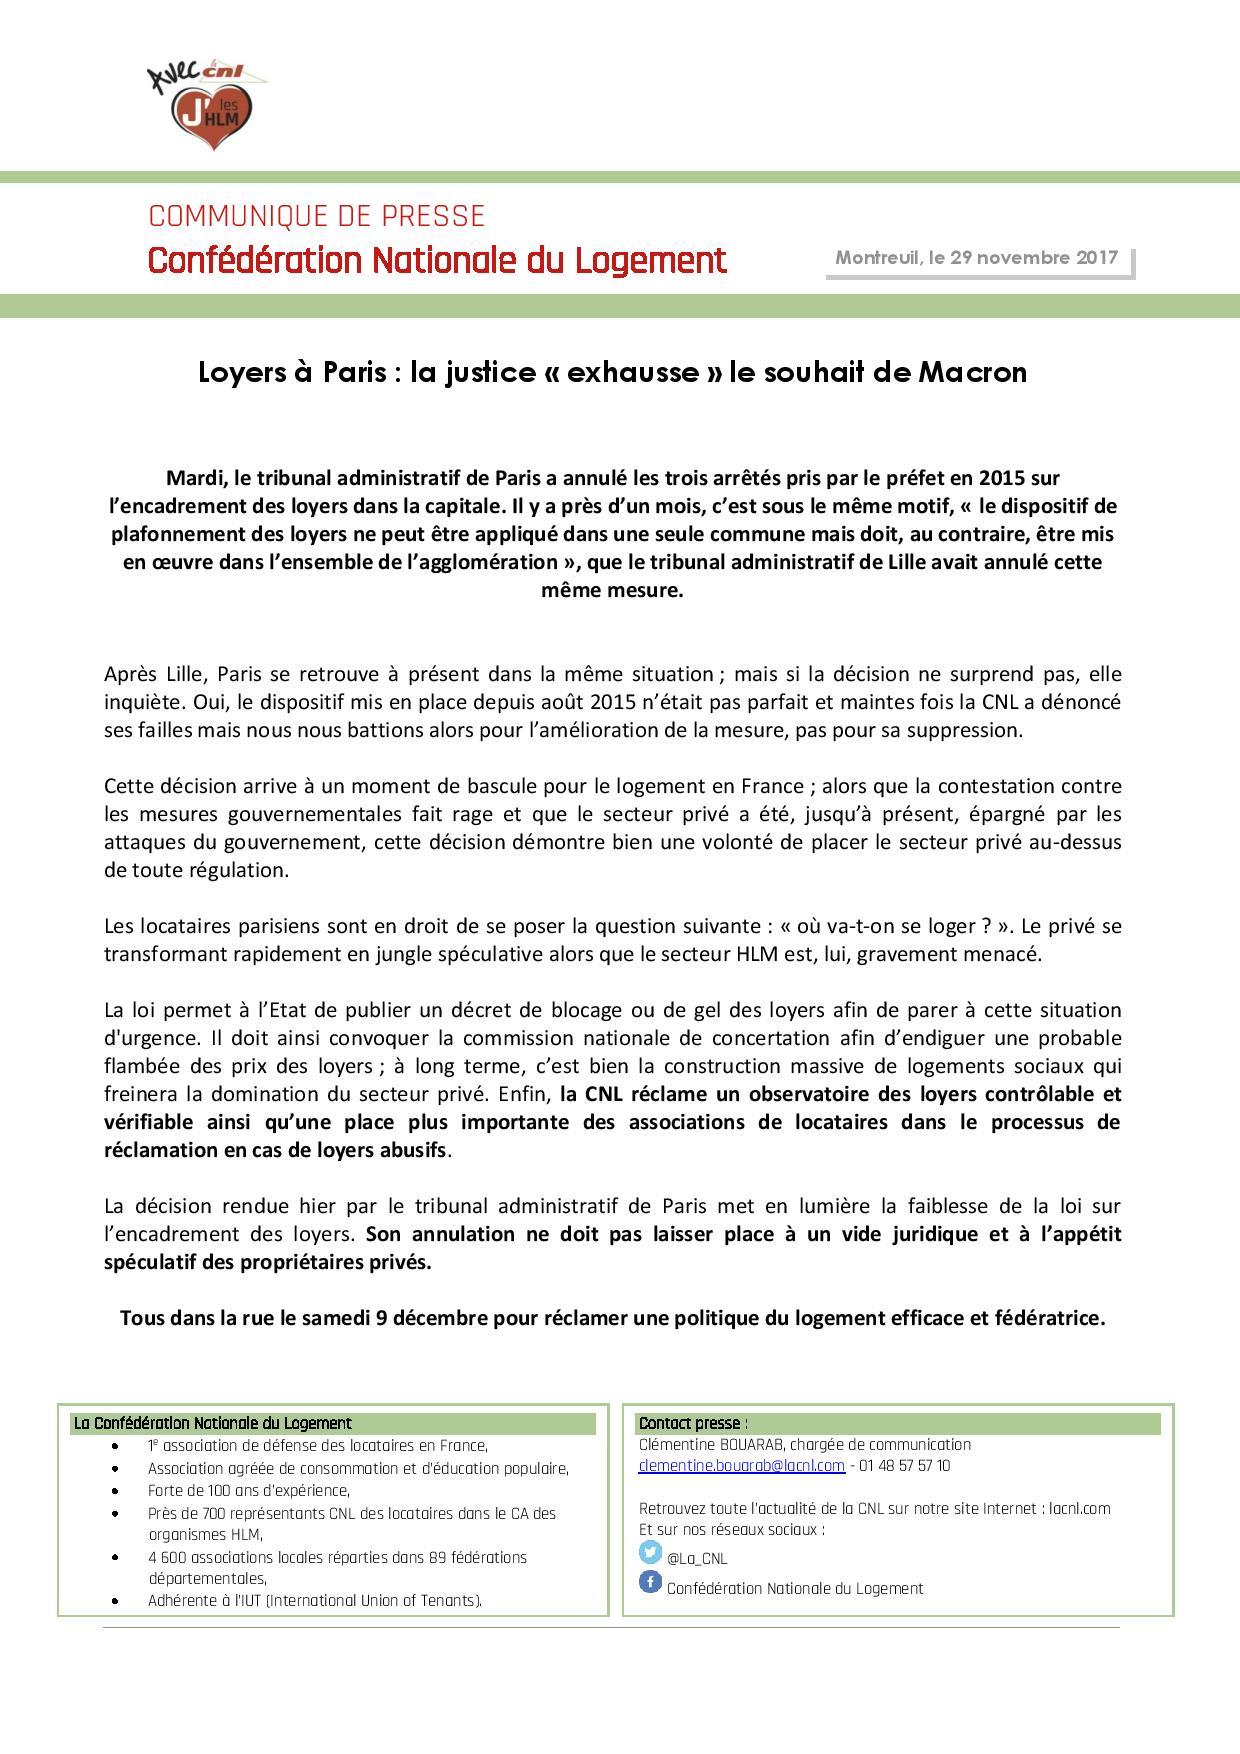 20171129_Loyers à Paris - la justice exauce le souhait de Macron-page-001